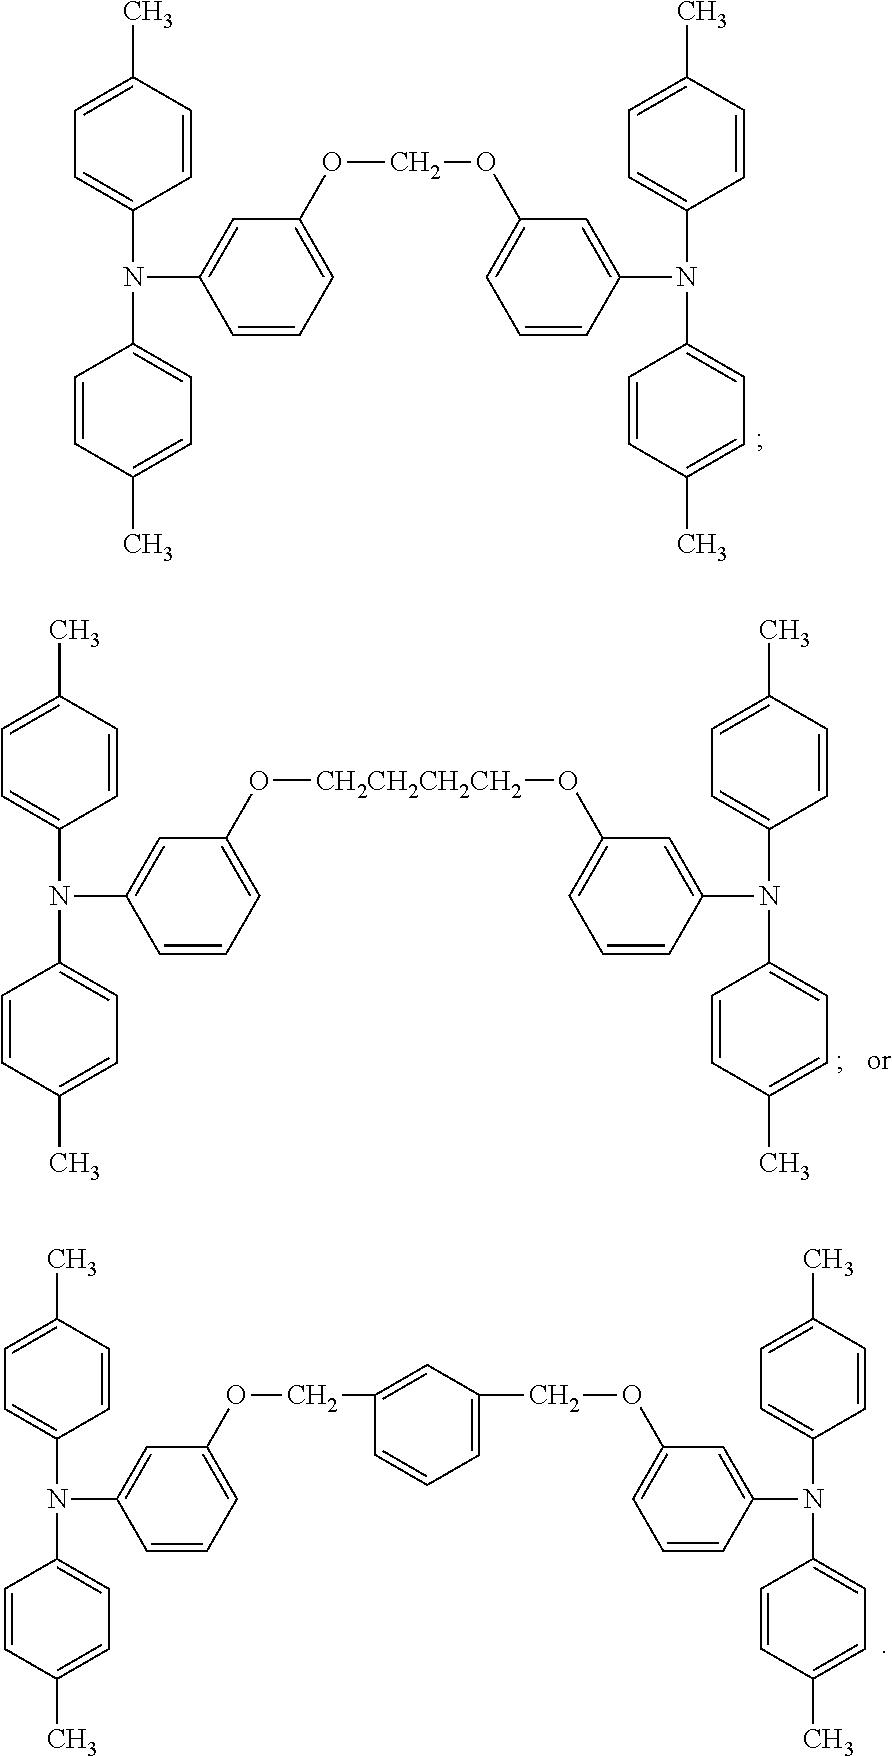 Figure US20120189347A1-20120726-C00008